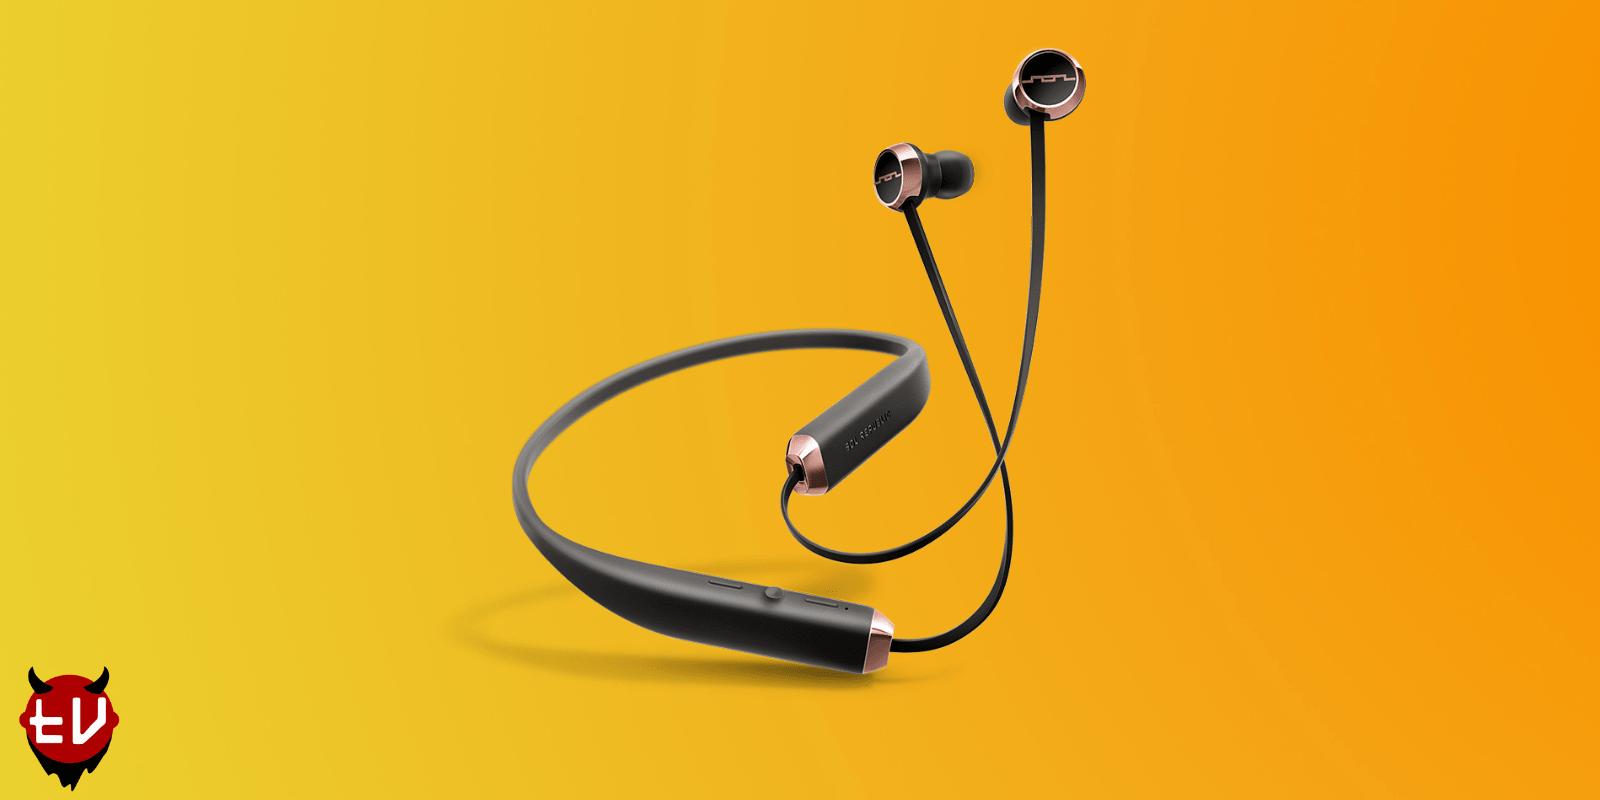 Best Bluetooth Earphones in India under 3000